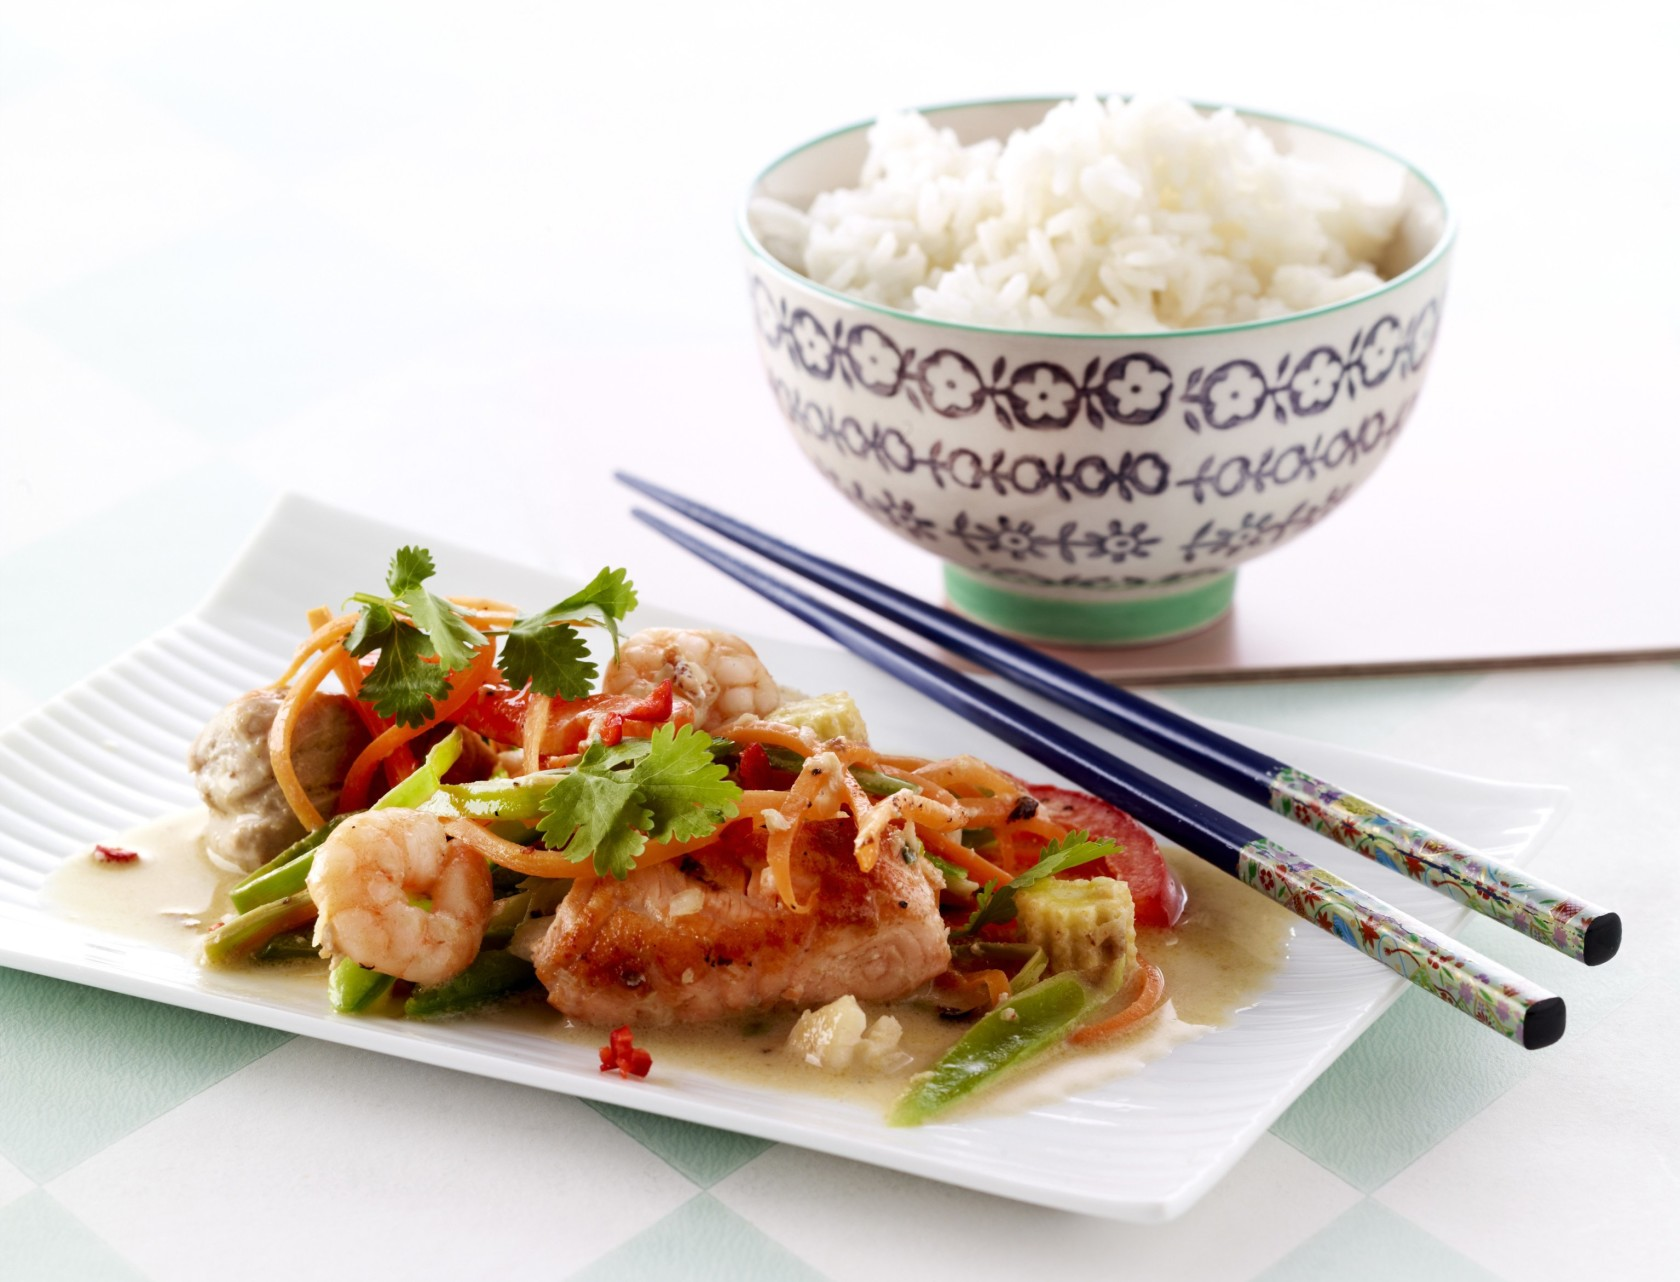 Wok med fisk og grøntsager - nem og sund aftensmad!